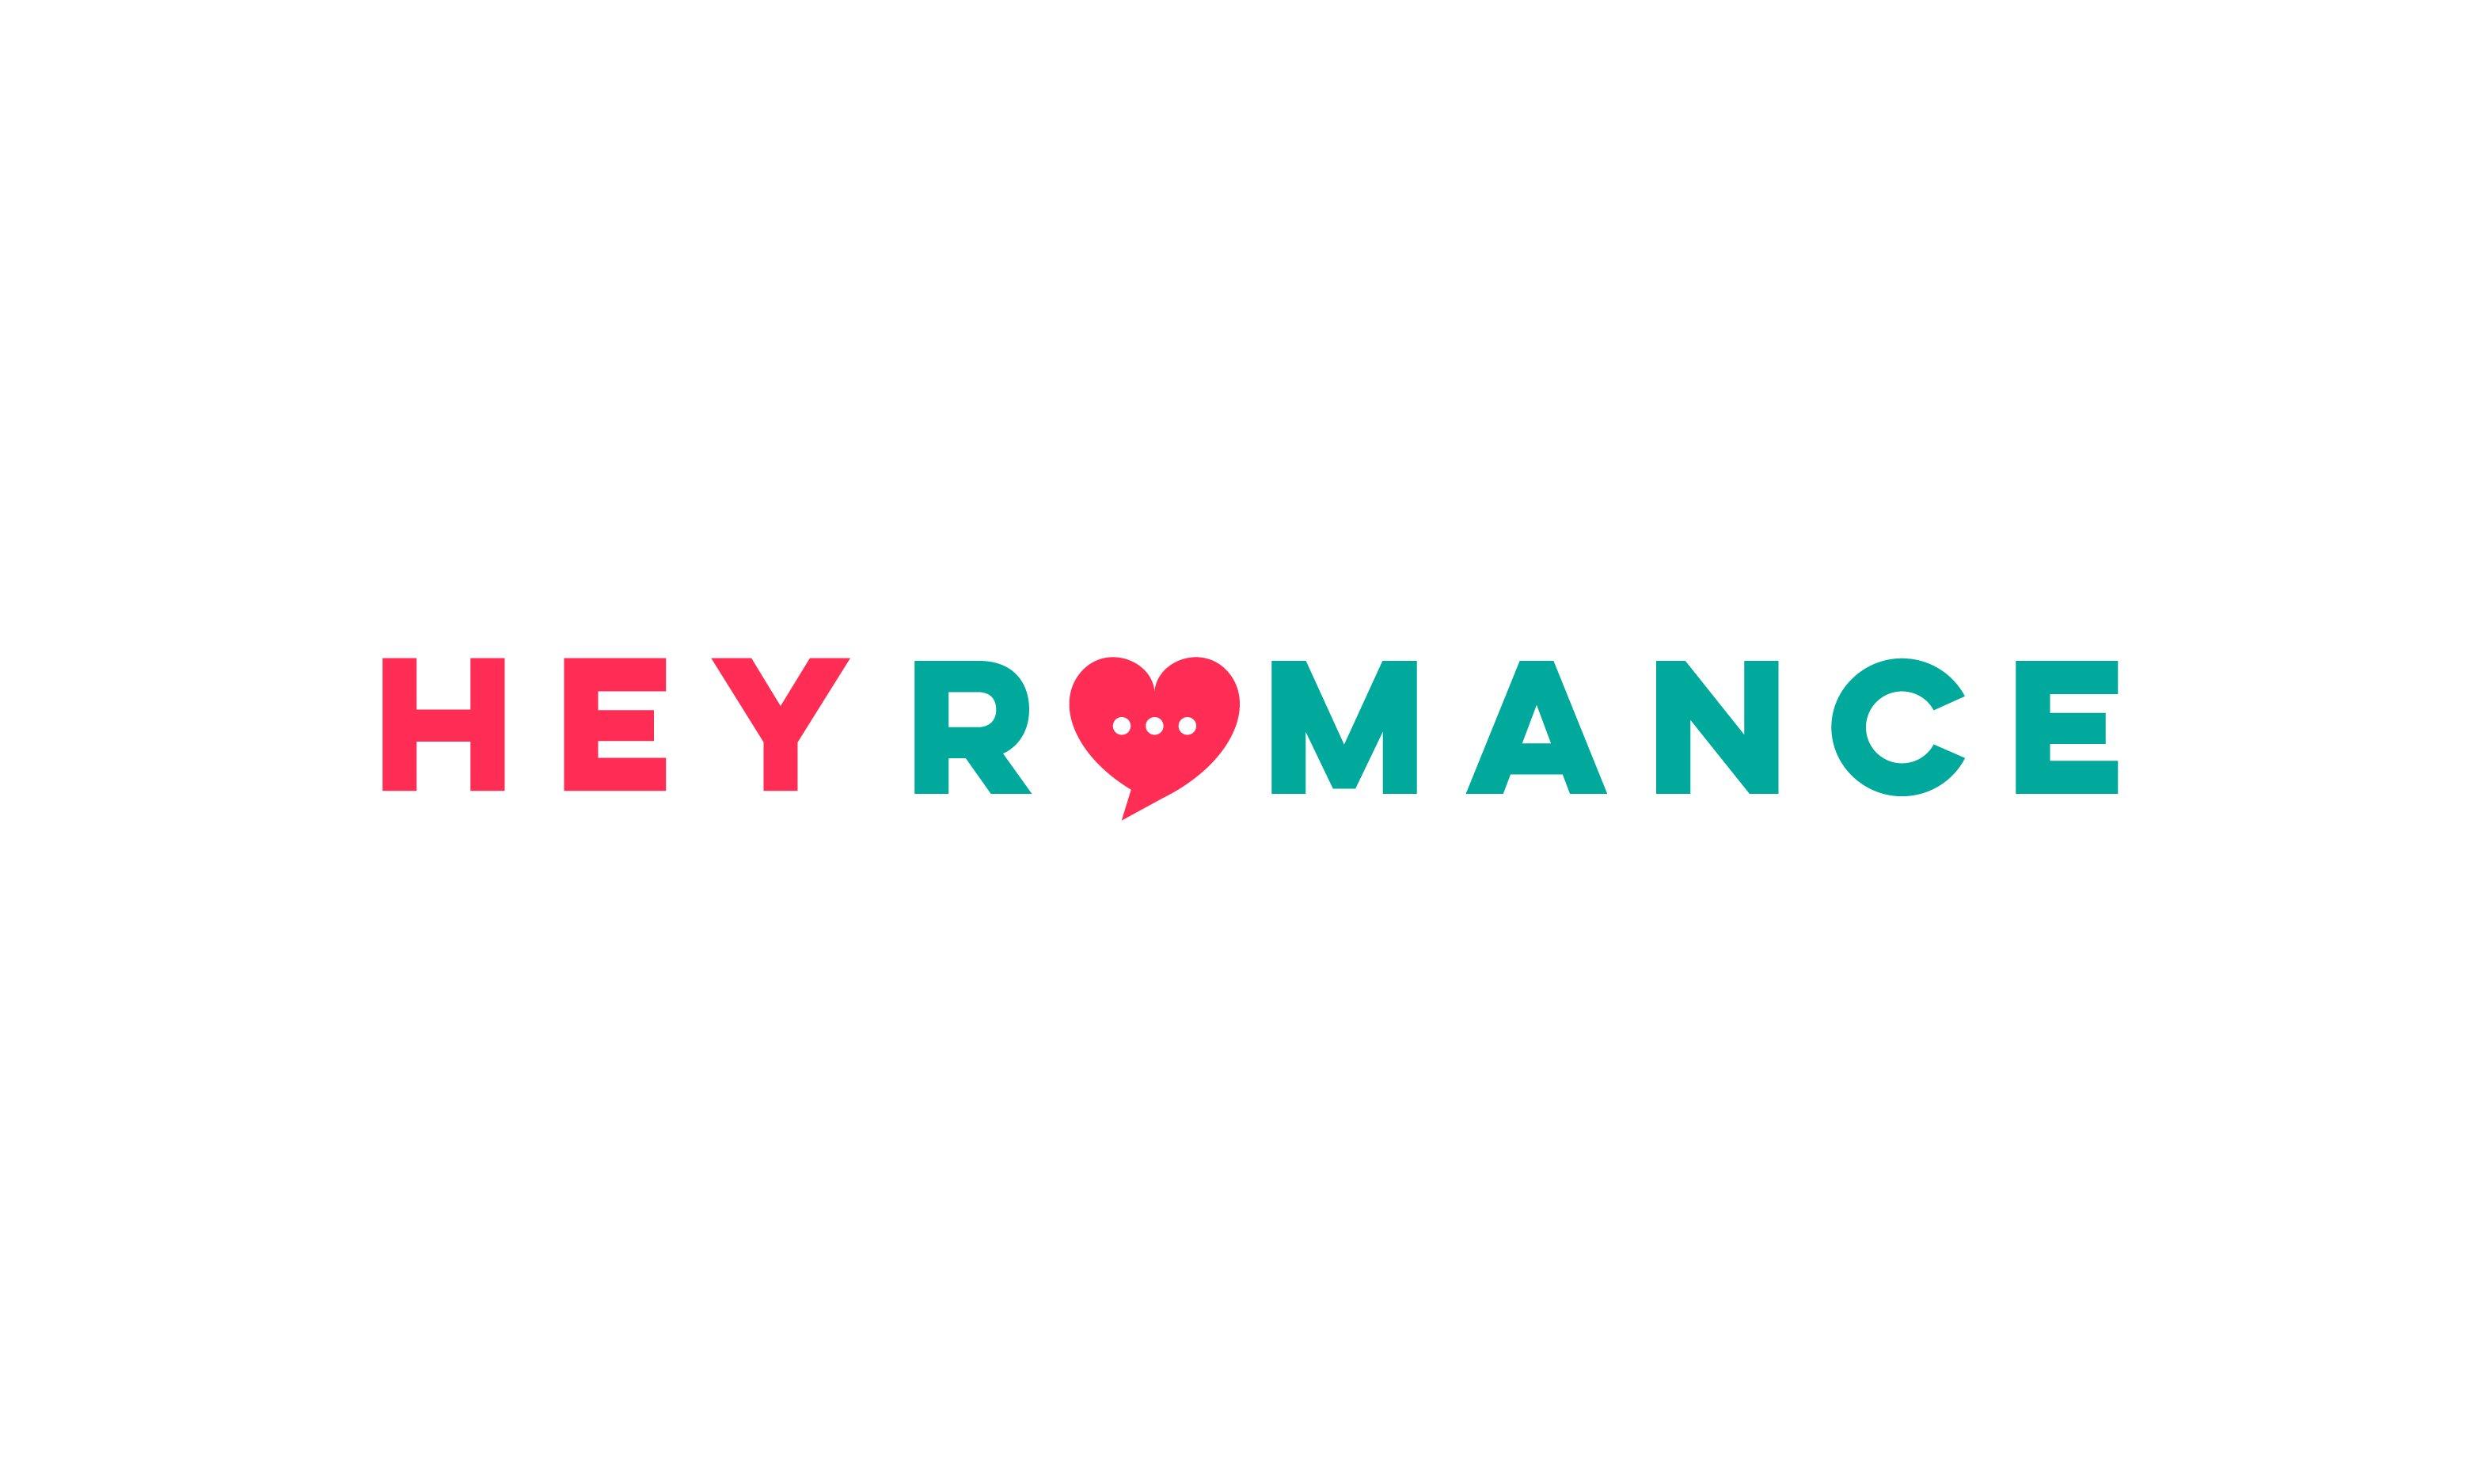 Name matchmaking